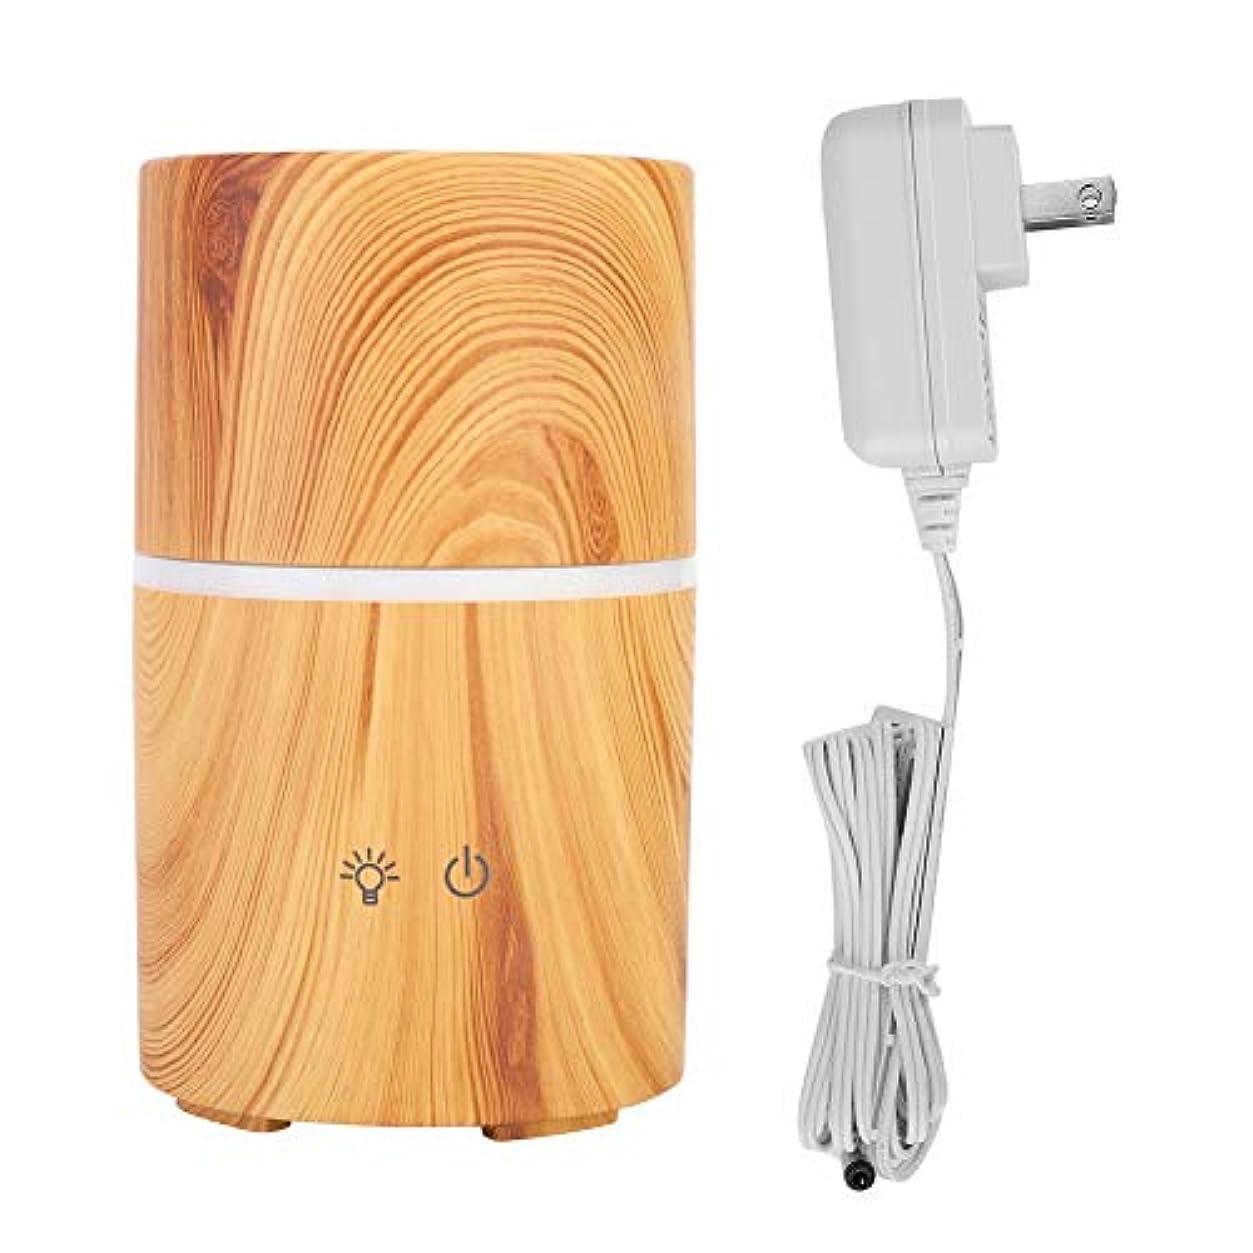 フライカイトアシスタント振る舞うアロマセラピーディフューザー、多目的木目LEDインテリジェントディフューザーワイヤレススピーカー加湿器家庭用装飾(USプラグ100-240V)